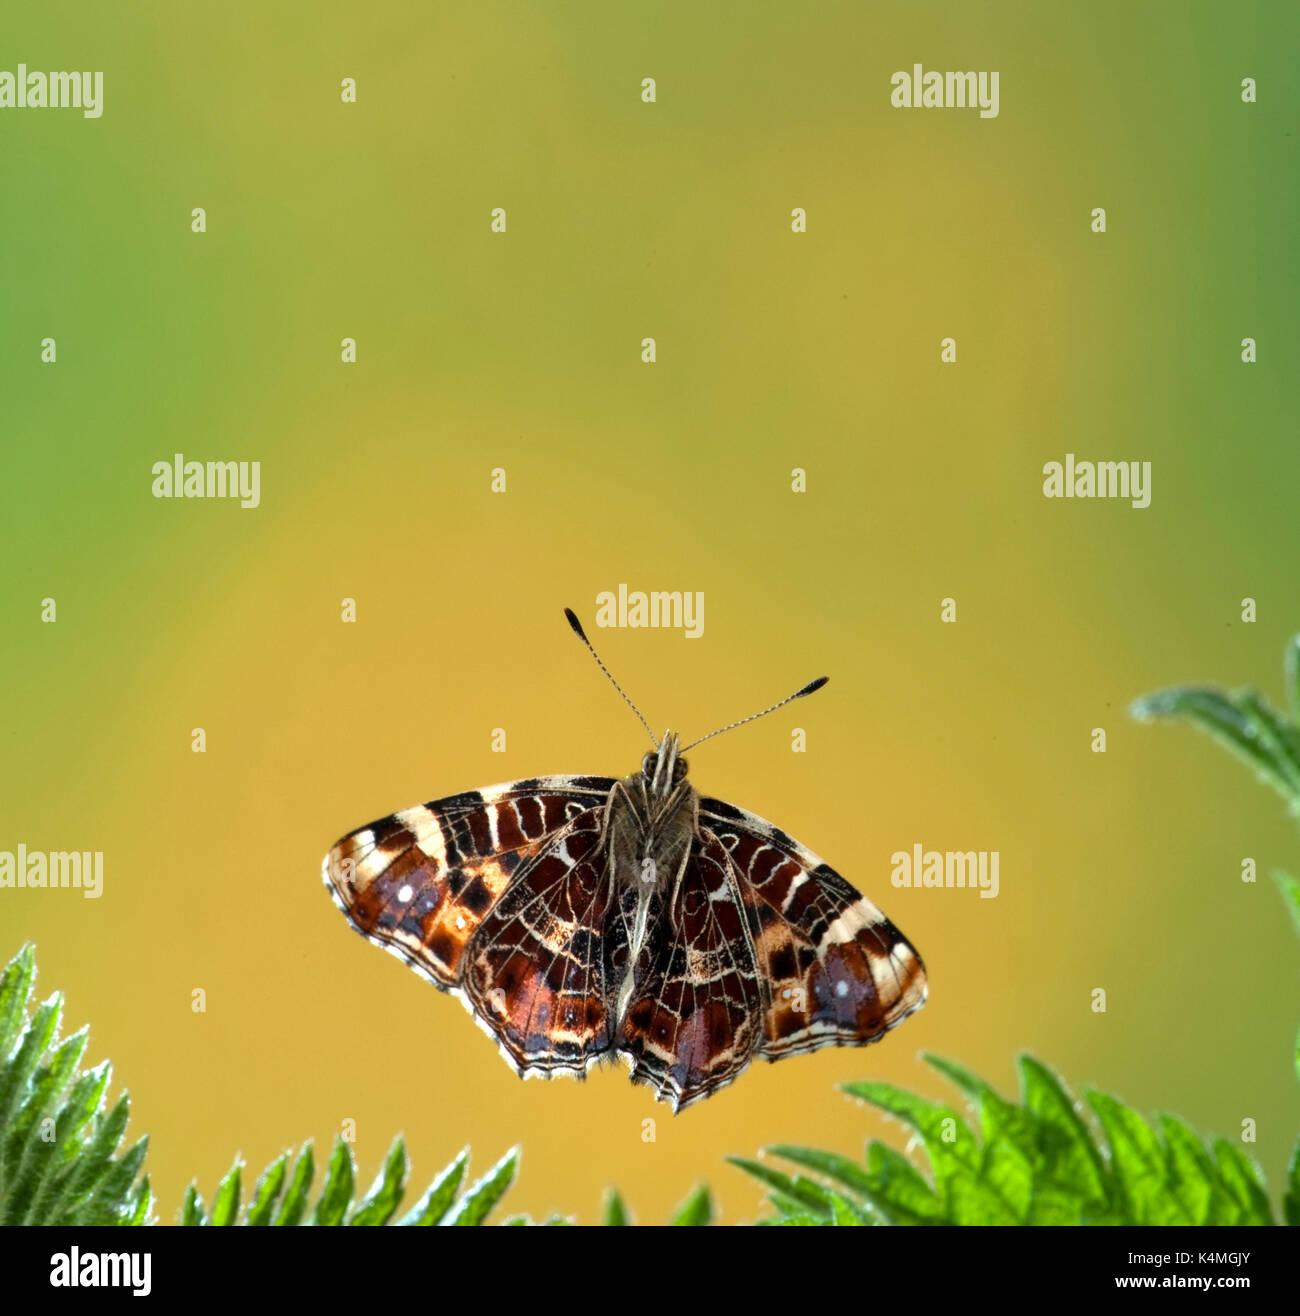 Ziemlich Schmetterling Färbung Blatt Ideen - Druckbare Malvorlagen ...